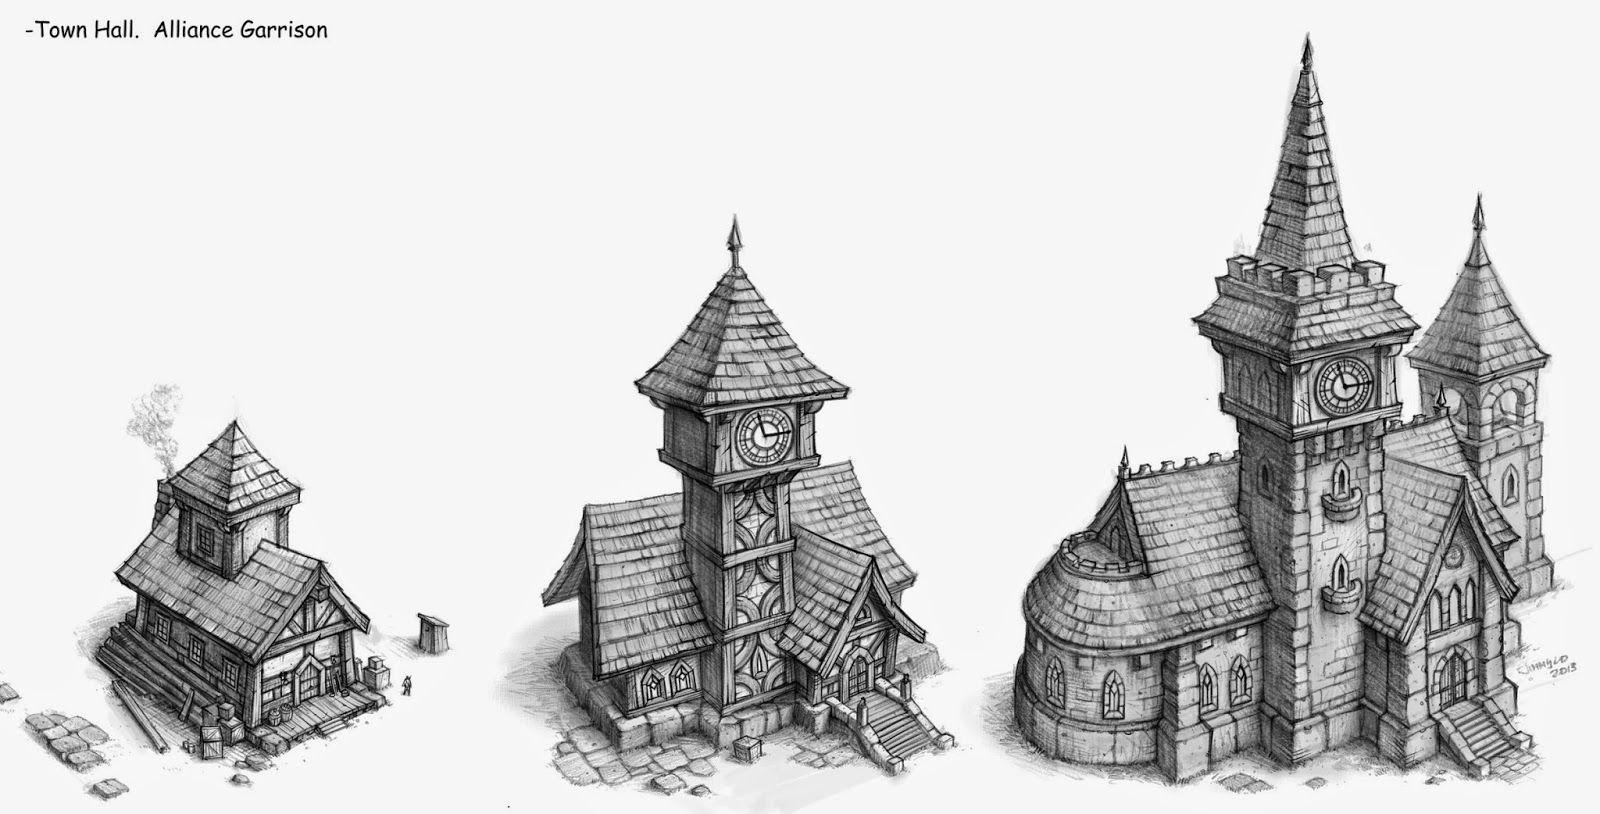 Http Jloart Blogspot Com 2014 12 Some More Garrison Concepts Html Concept Art Castle Illustration Buildings Artwork